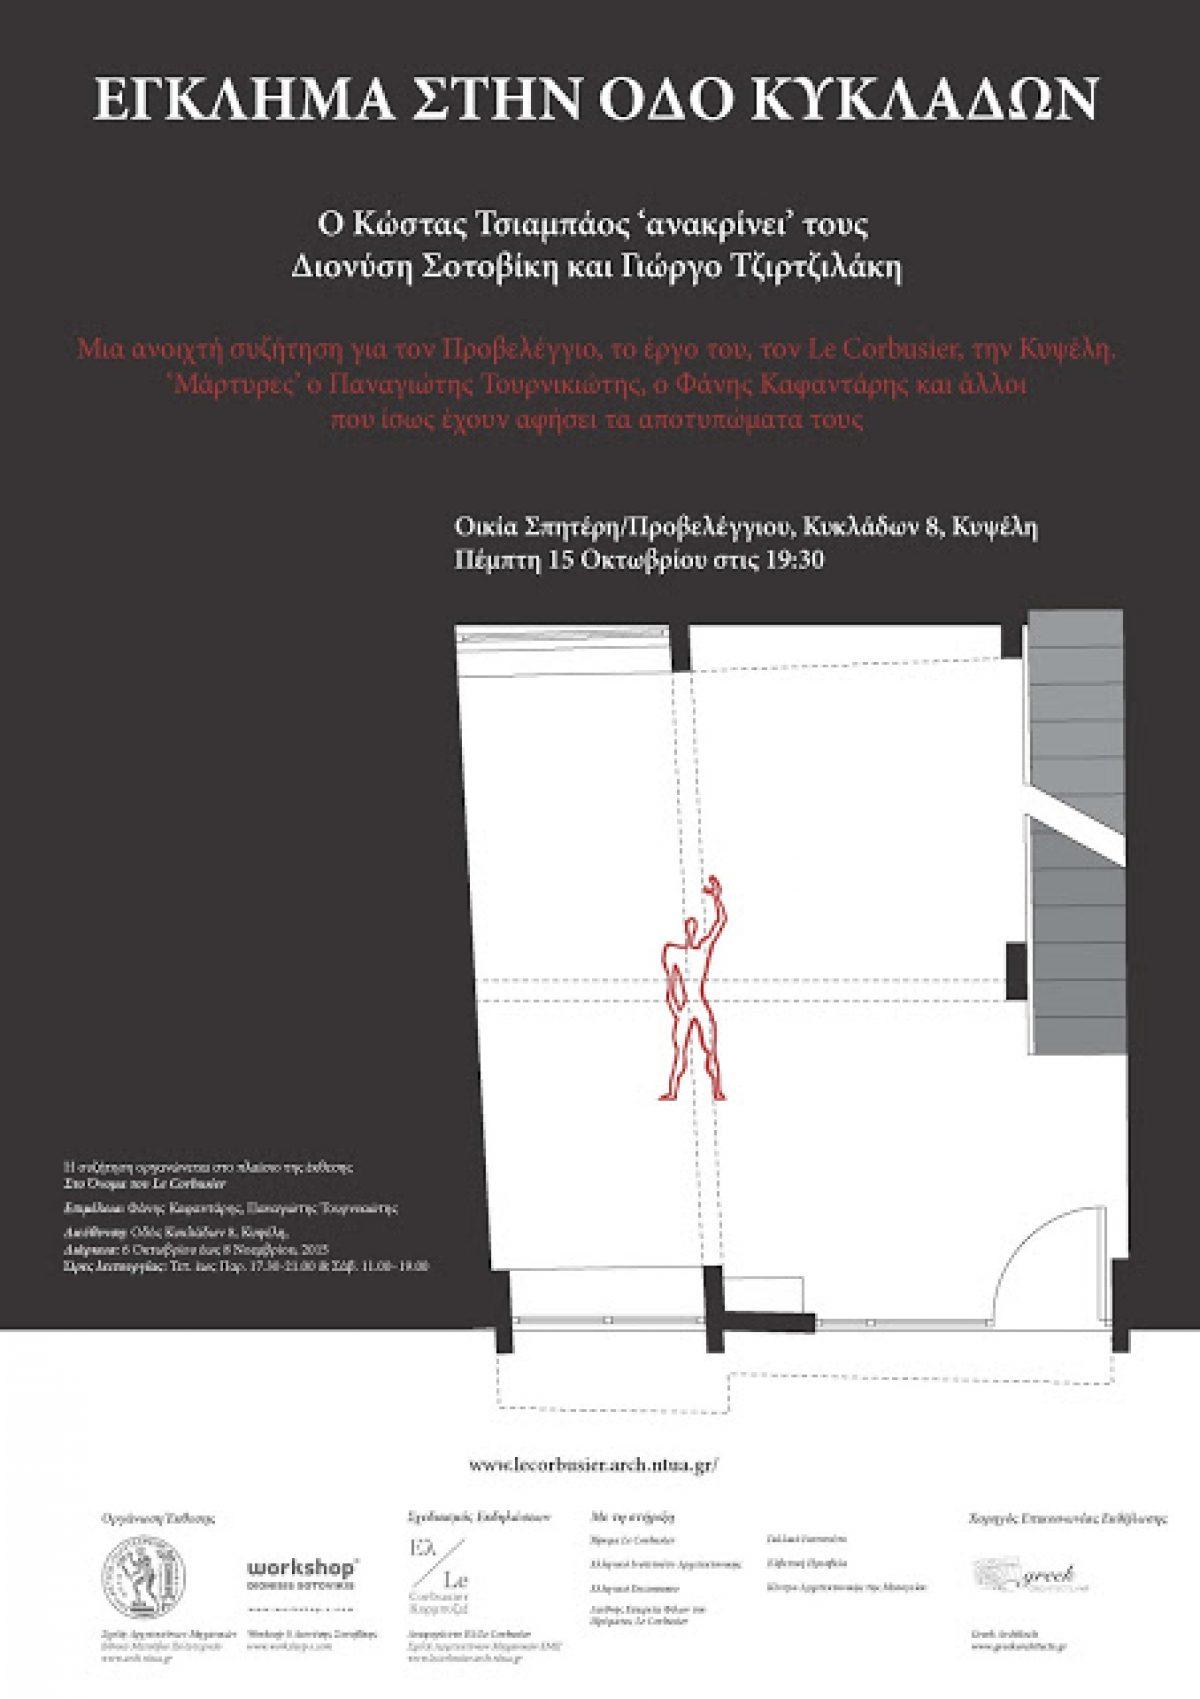 """Πρόσκληση στη συζήτηση """"Έγκλημα στην Οδό Κυκλάδων"""" Le Corbusier, Προβελέγγιος, Κυψέλη 15 Οκτωβρίου 2015"""